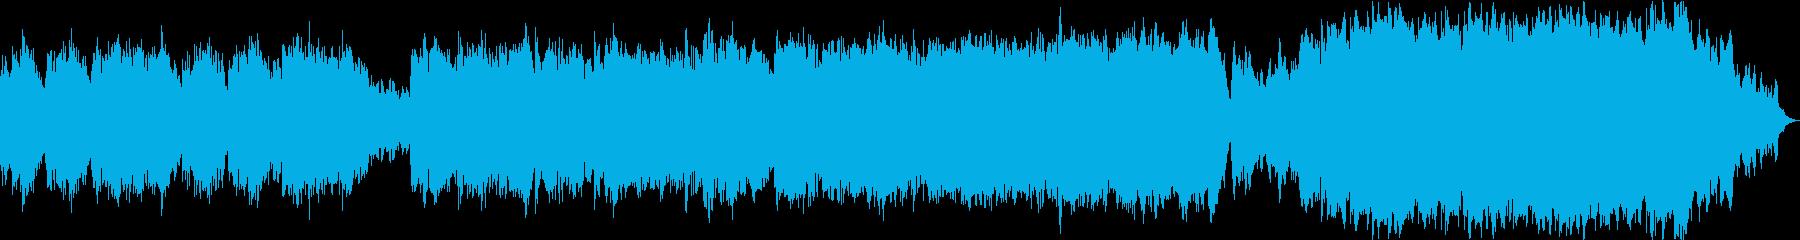 結婚行進曲(ワーグナー)のアレンジです…の再生済みの波形